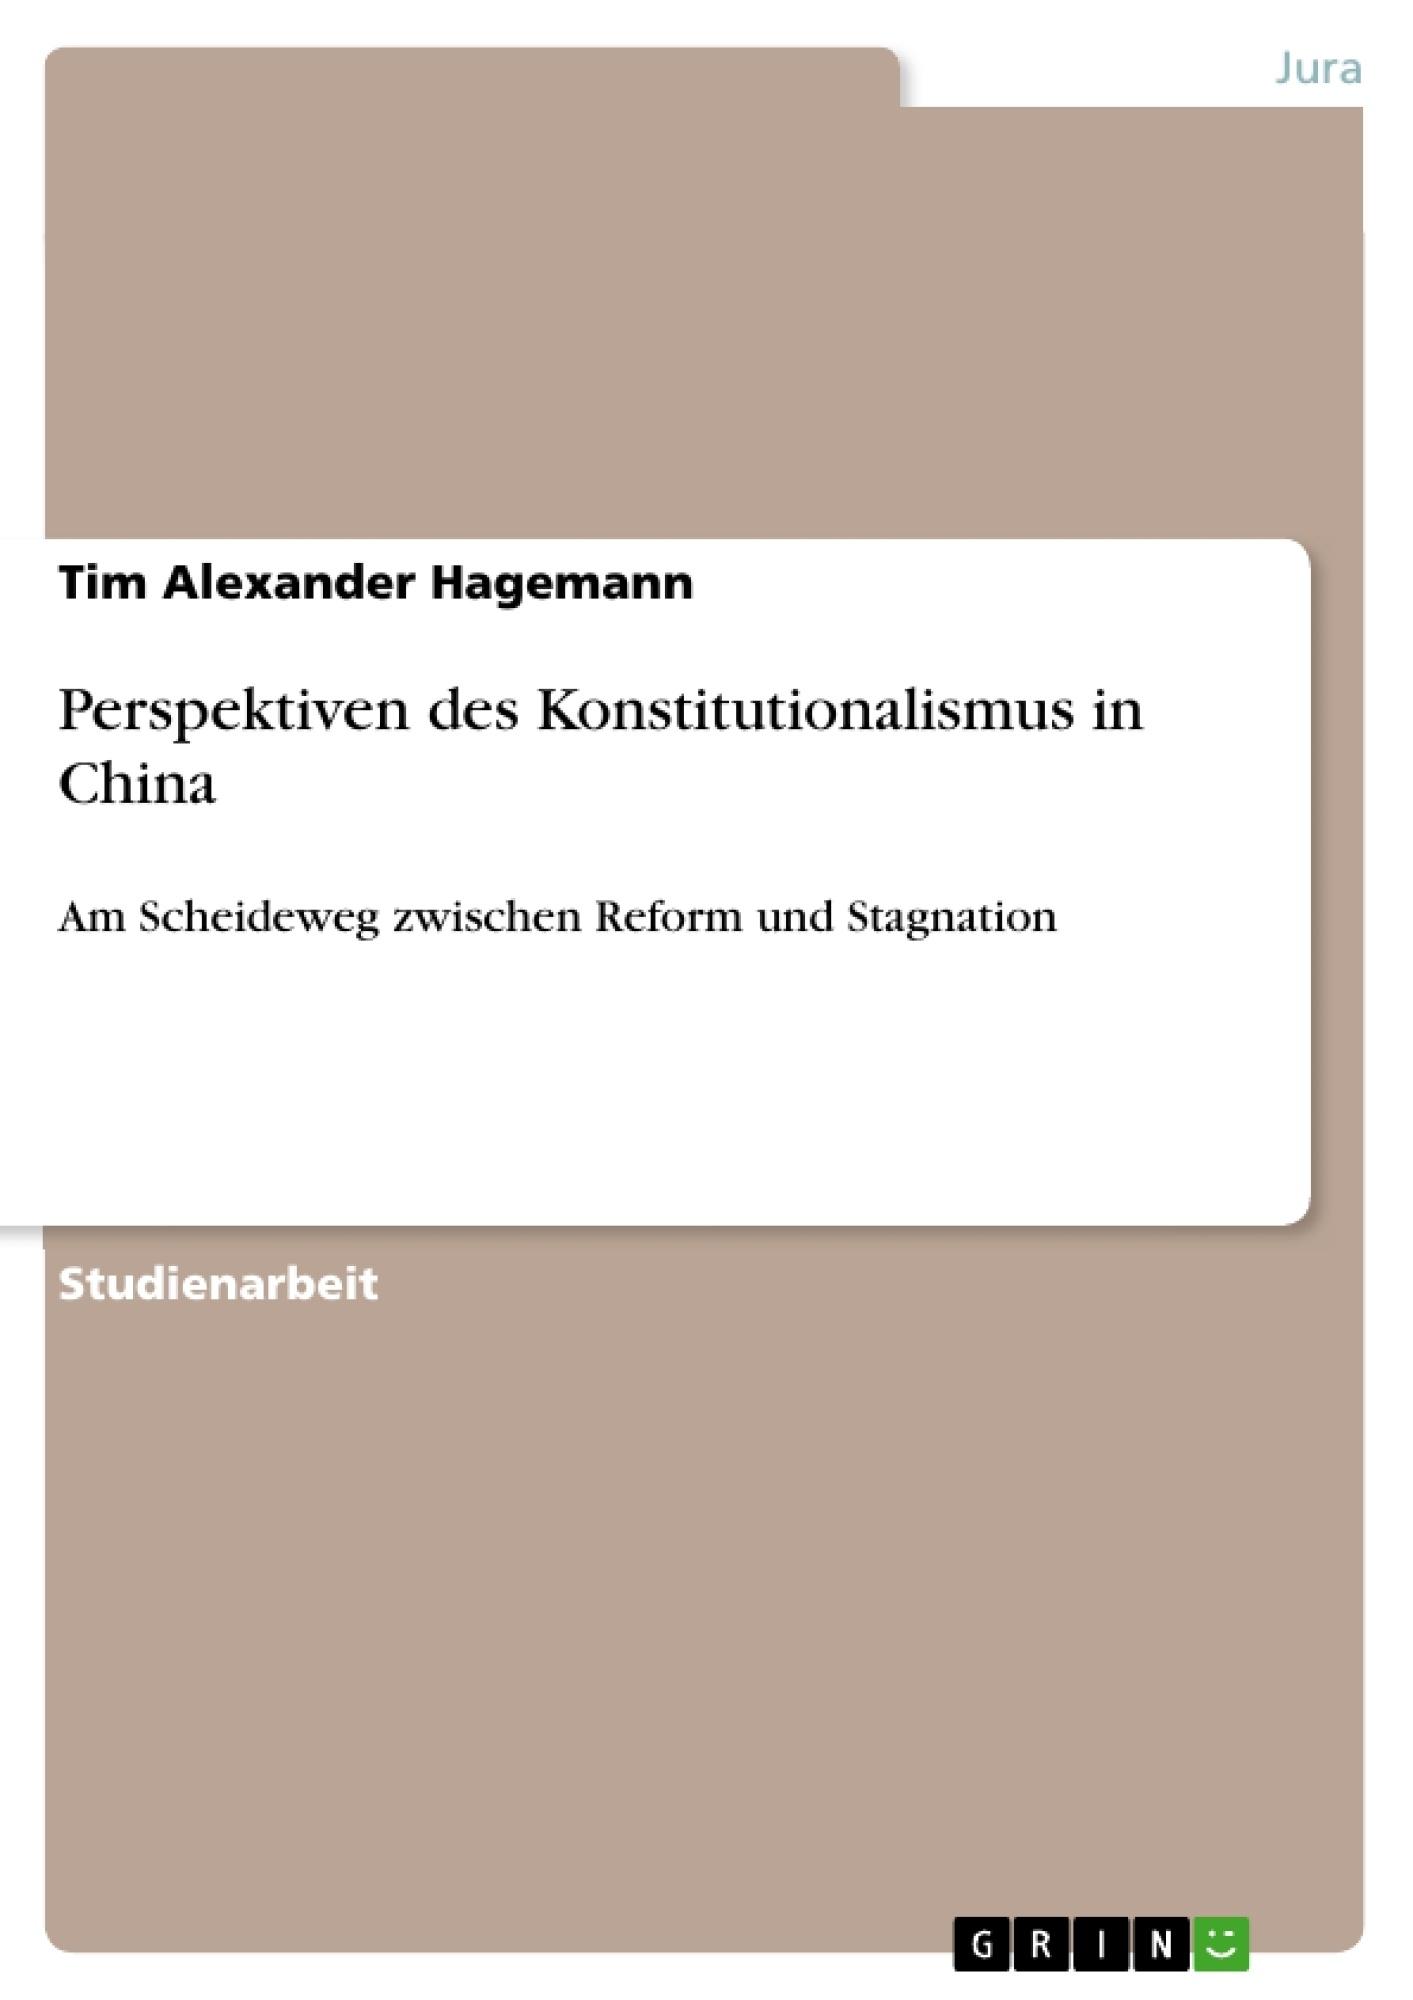 Titel: Perspektiven des Konstitutionalismus in China